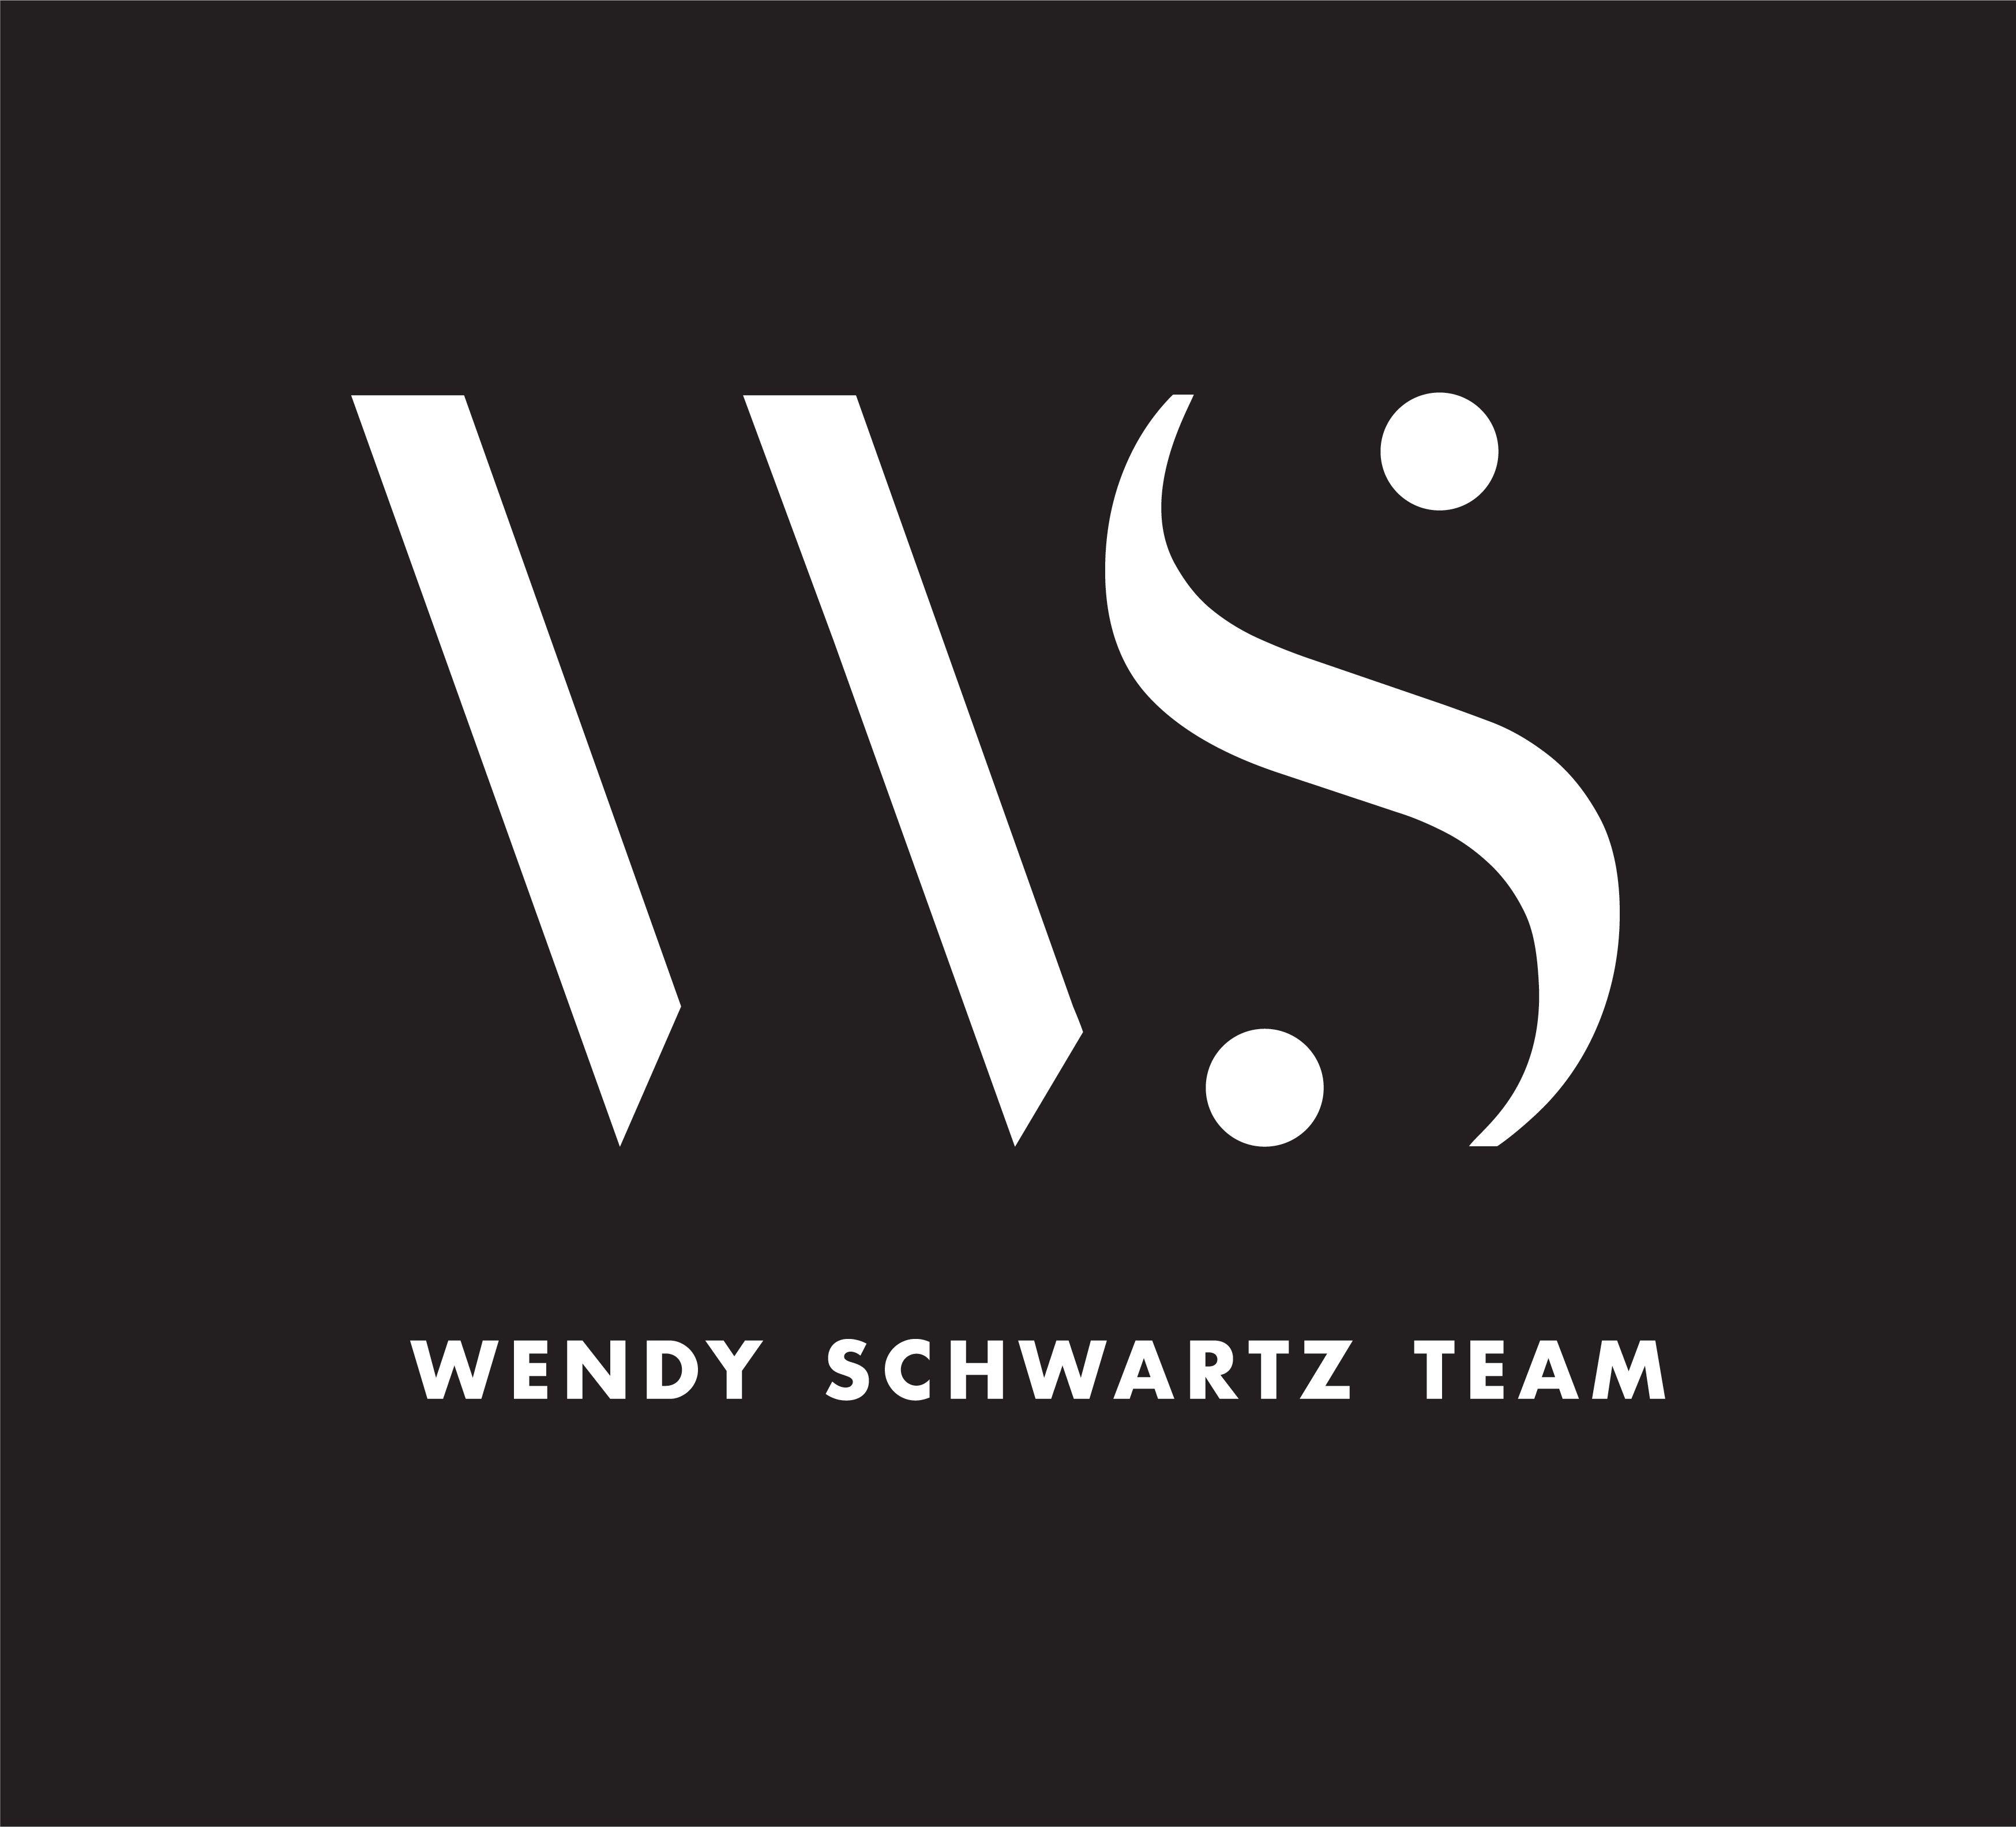 Wendy Schwartz Team